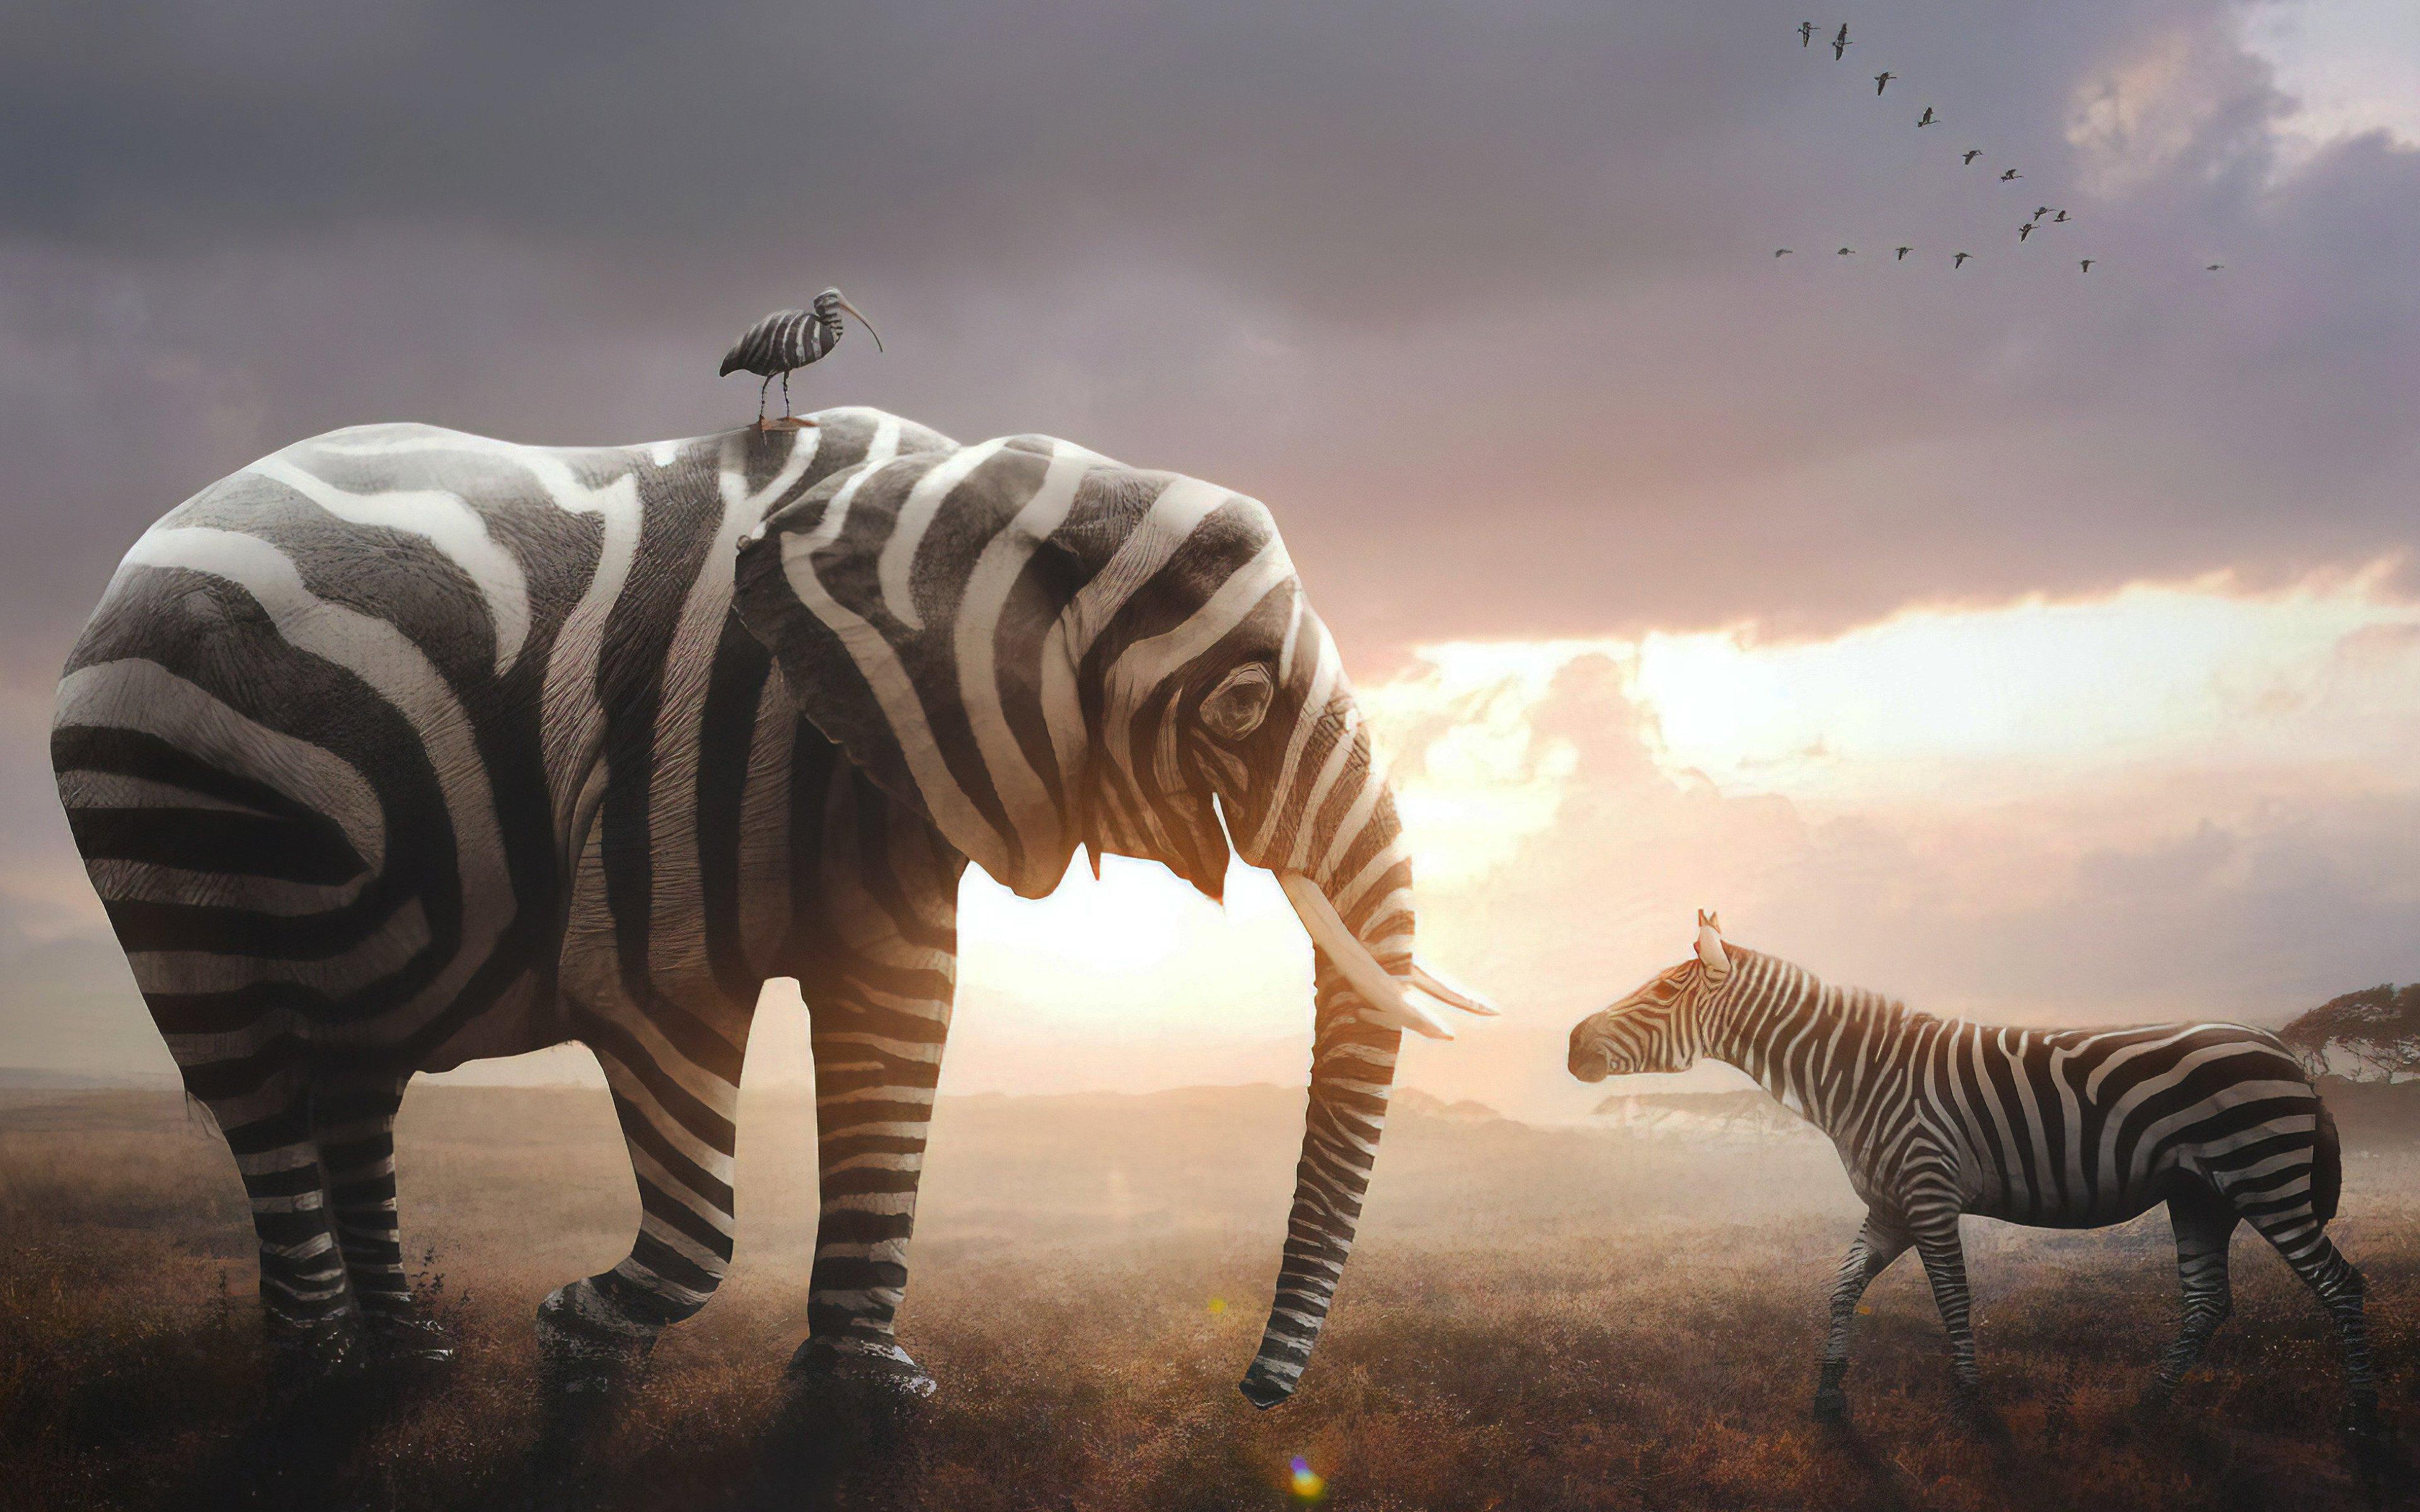 Fondos de pantalla Elefante y Cebra